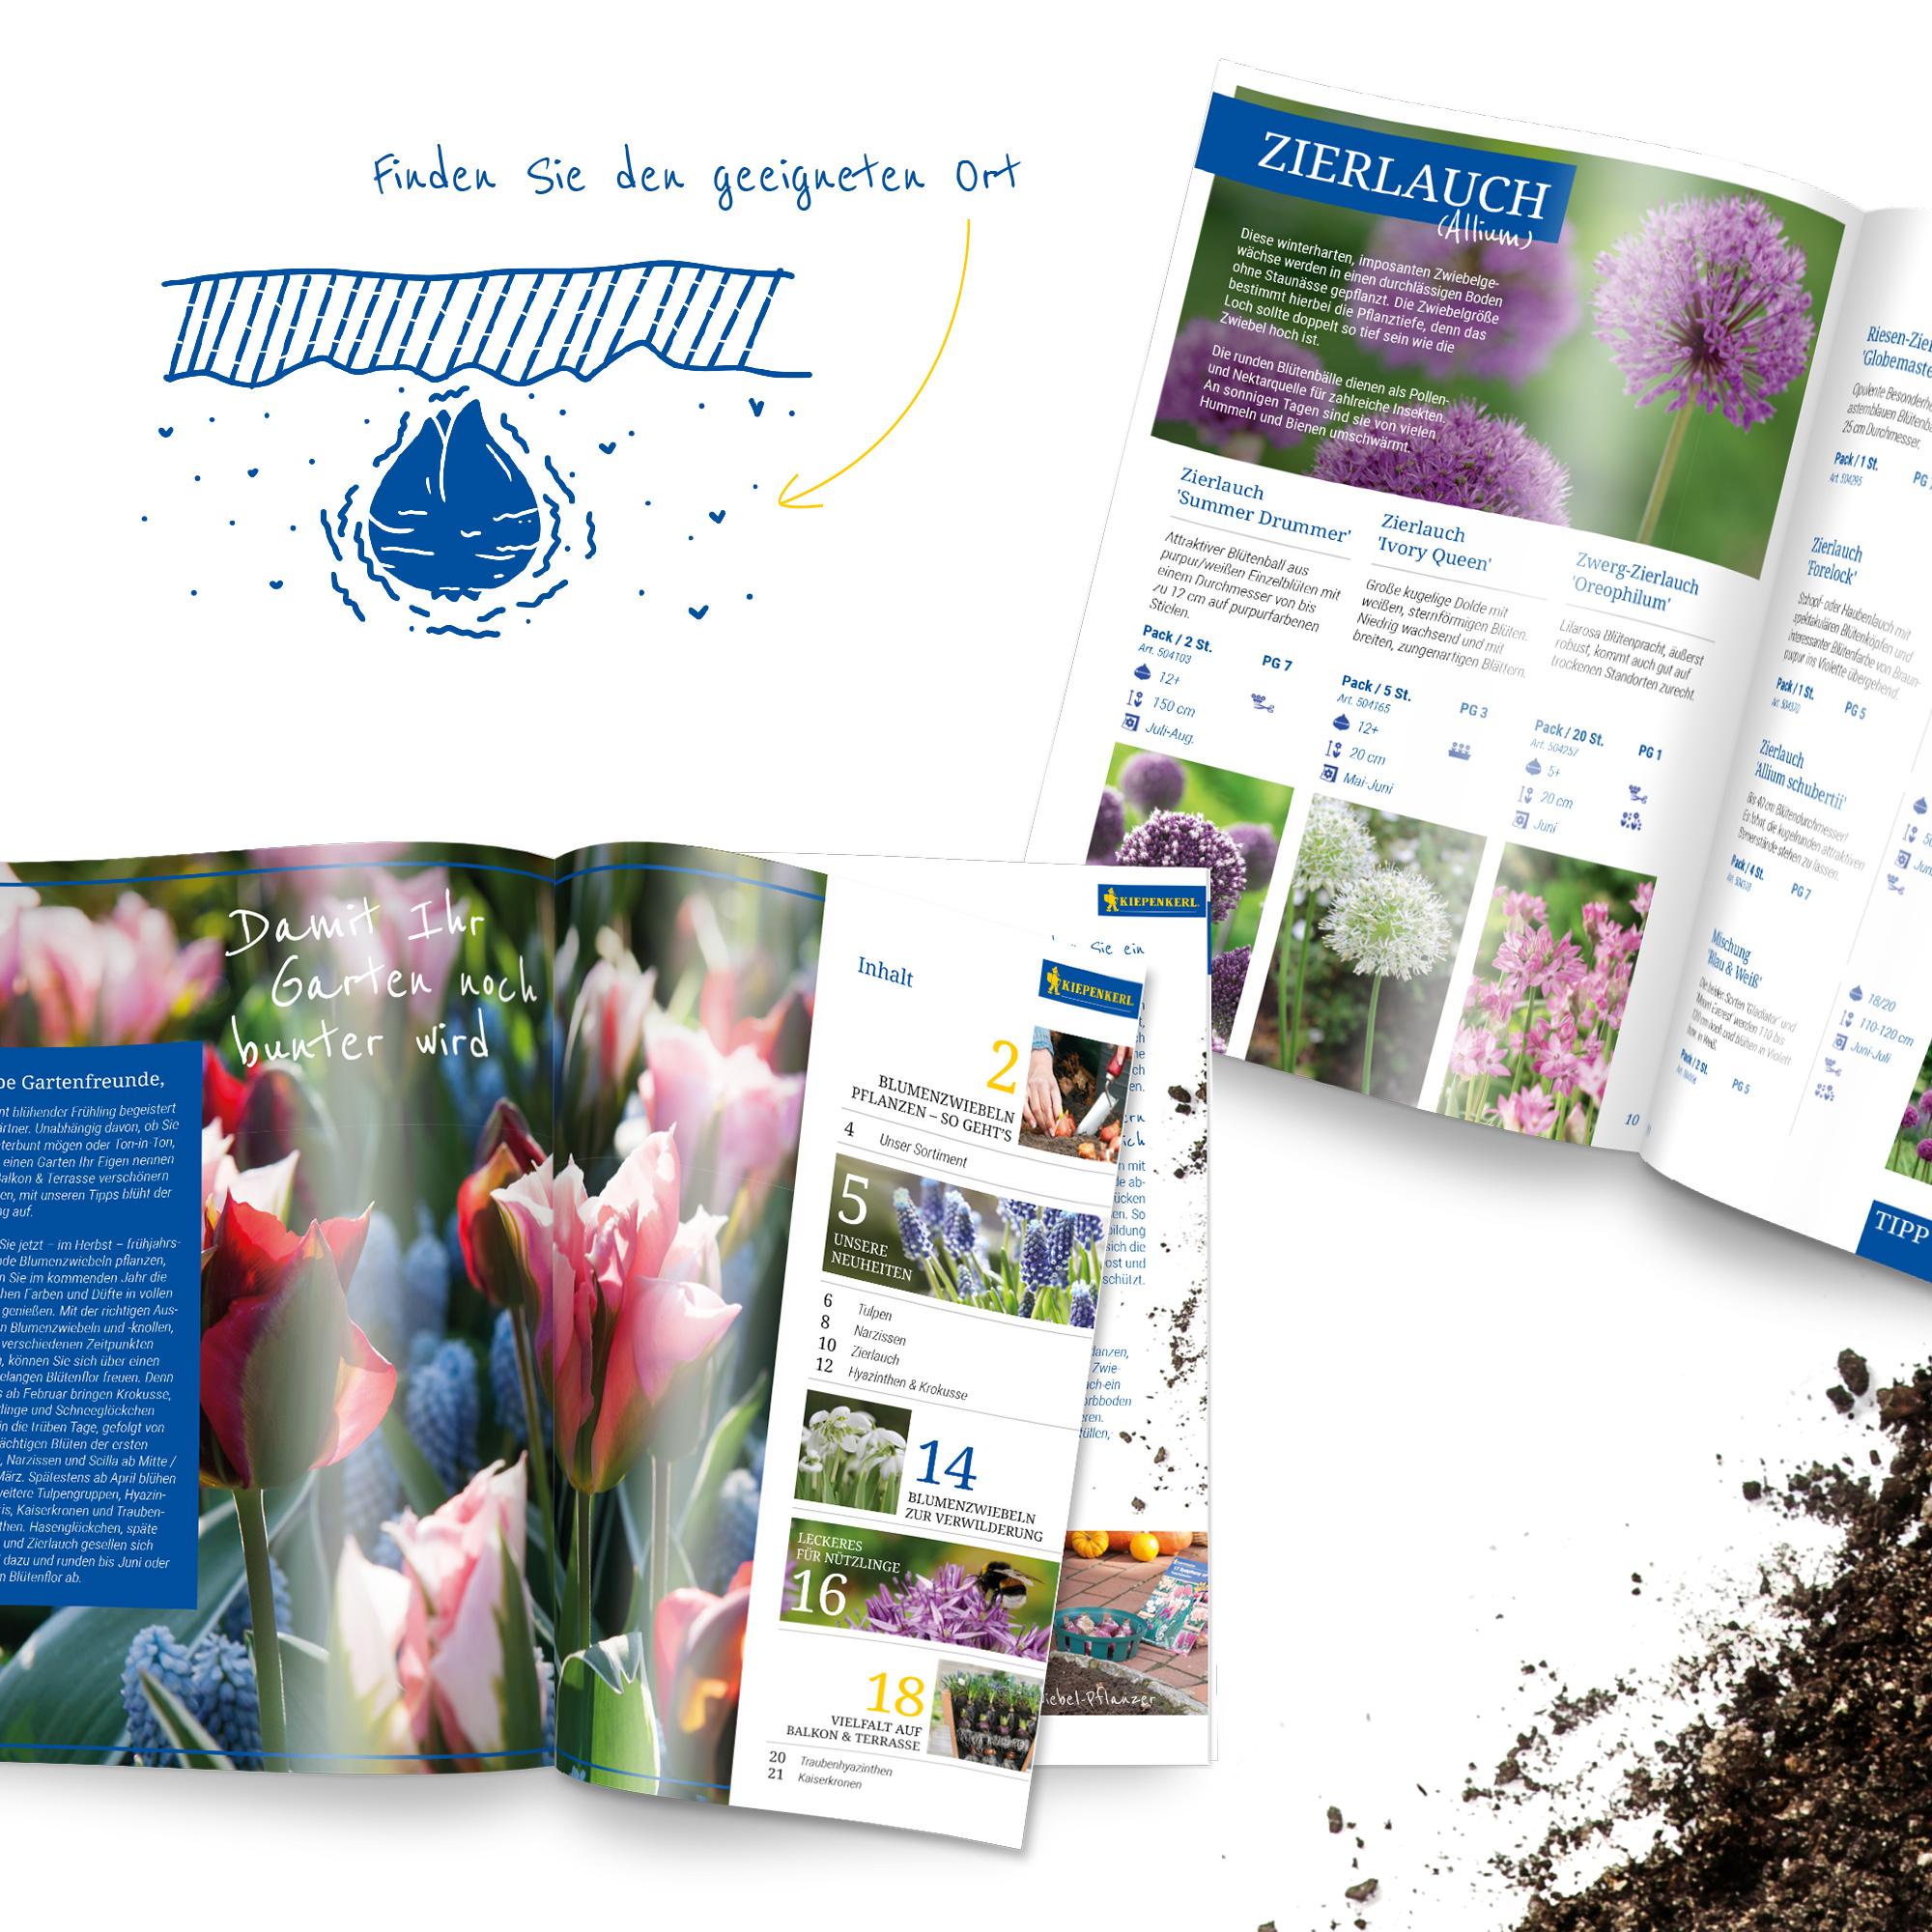 Einleitung und Illustrationen in der Kiepenkerl Blumenzwiebelbroschüre